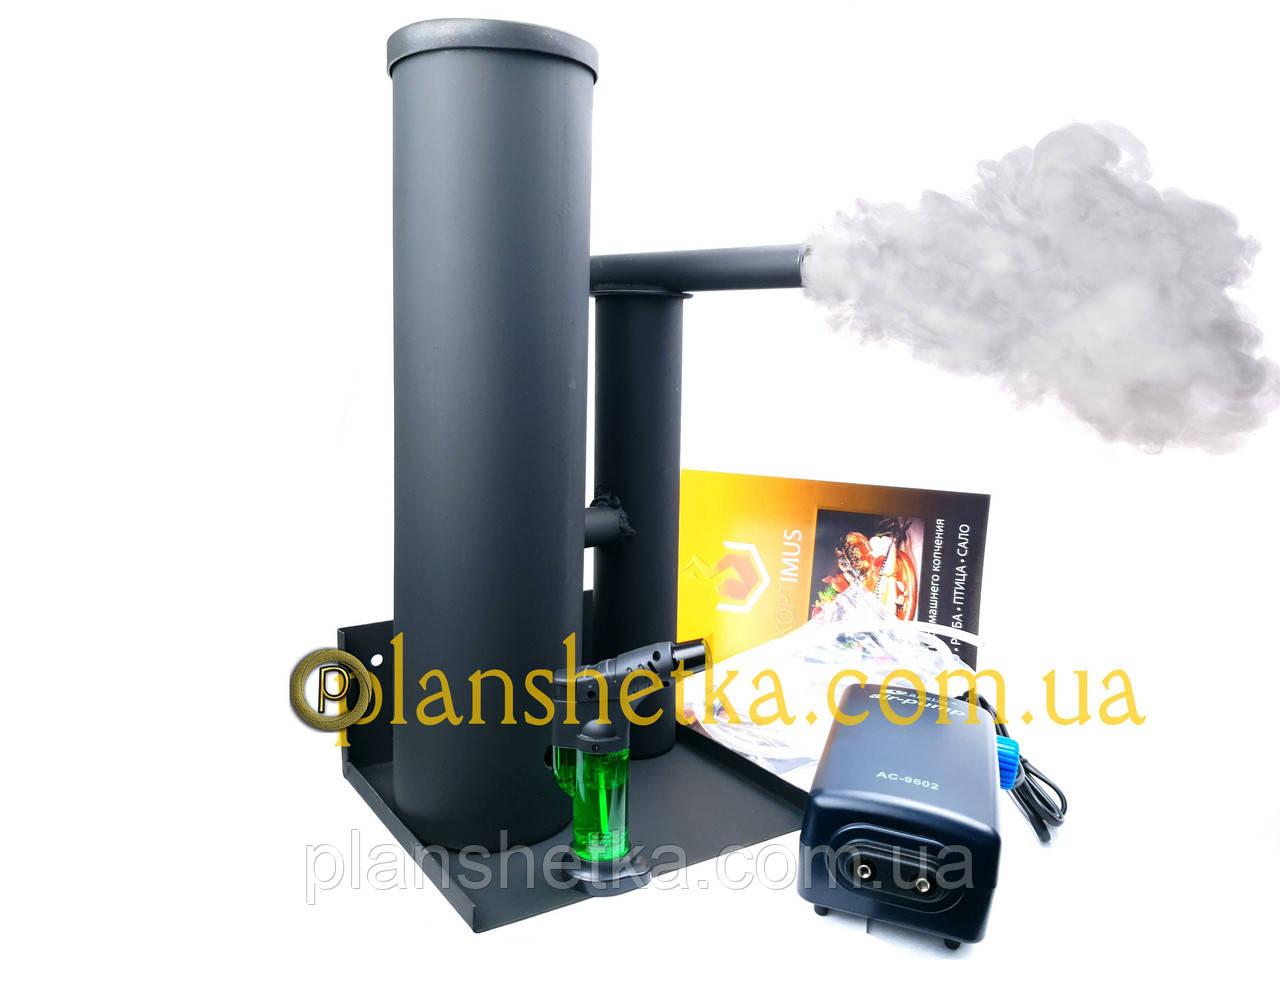 Дымогенератор для холодного копчения ТМ Koptimus 3.0 с конденсатосборником